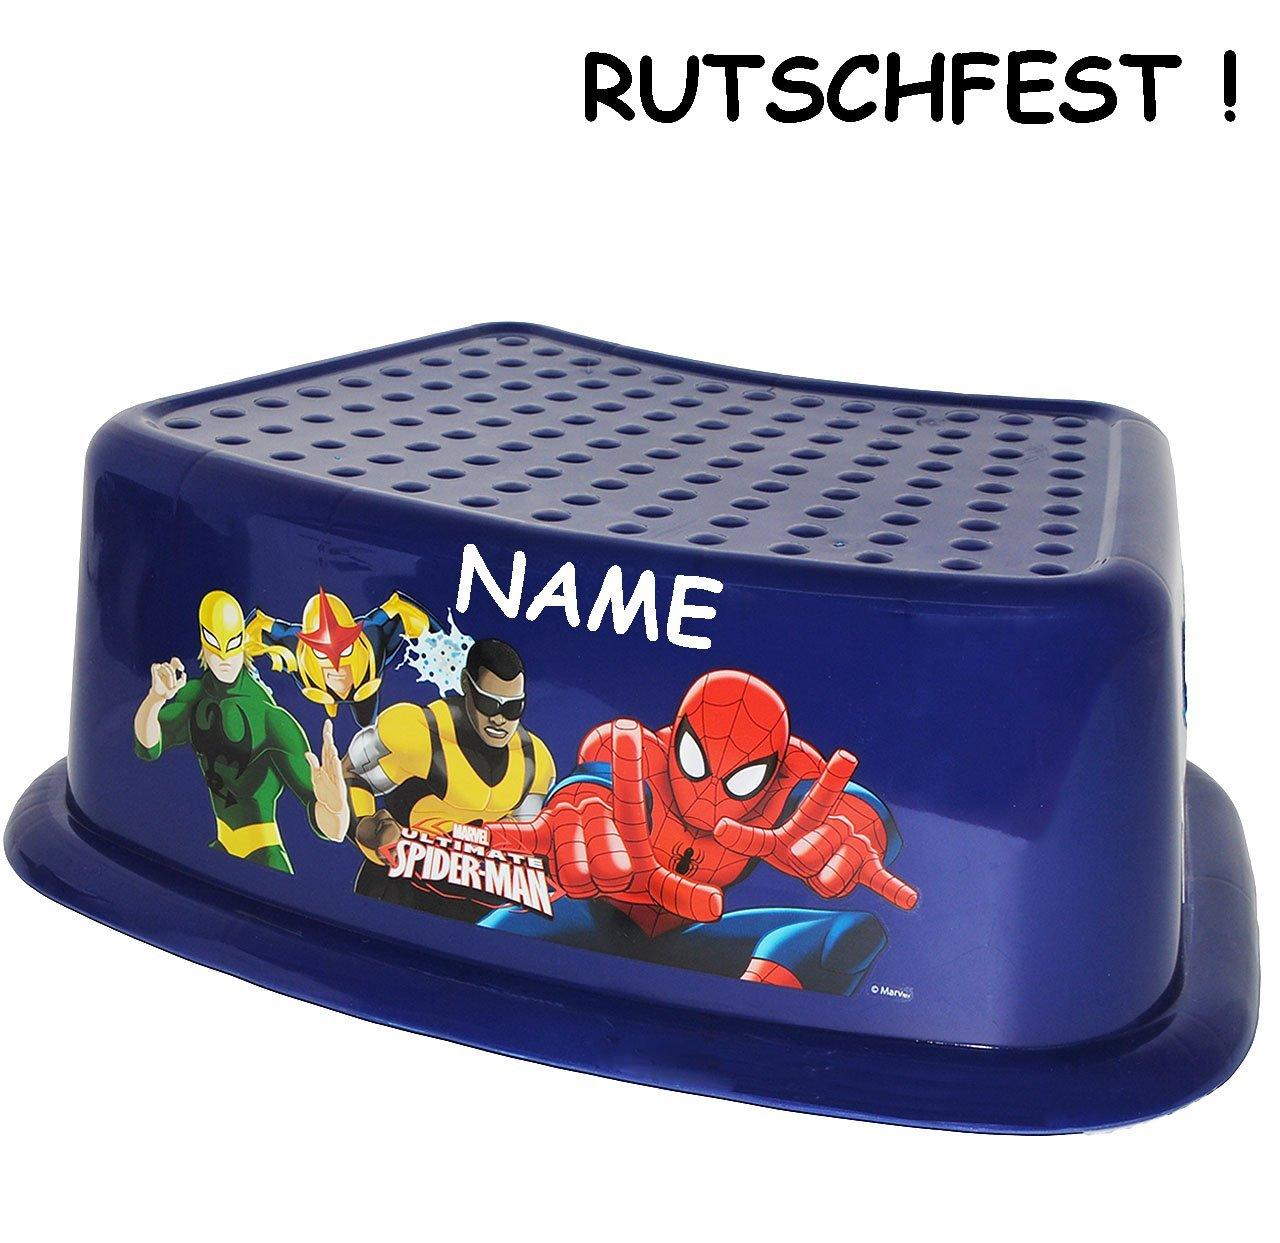 incl Kinderschemel /& Kindertritt ideal als Erh.. Trittschemel // Tritthocker // Kindersitz bis 80 kg // Fu/ßbank Spider-Man alles-meine.de GmbH Anti RUTSCH gro/ß Name